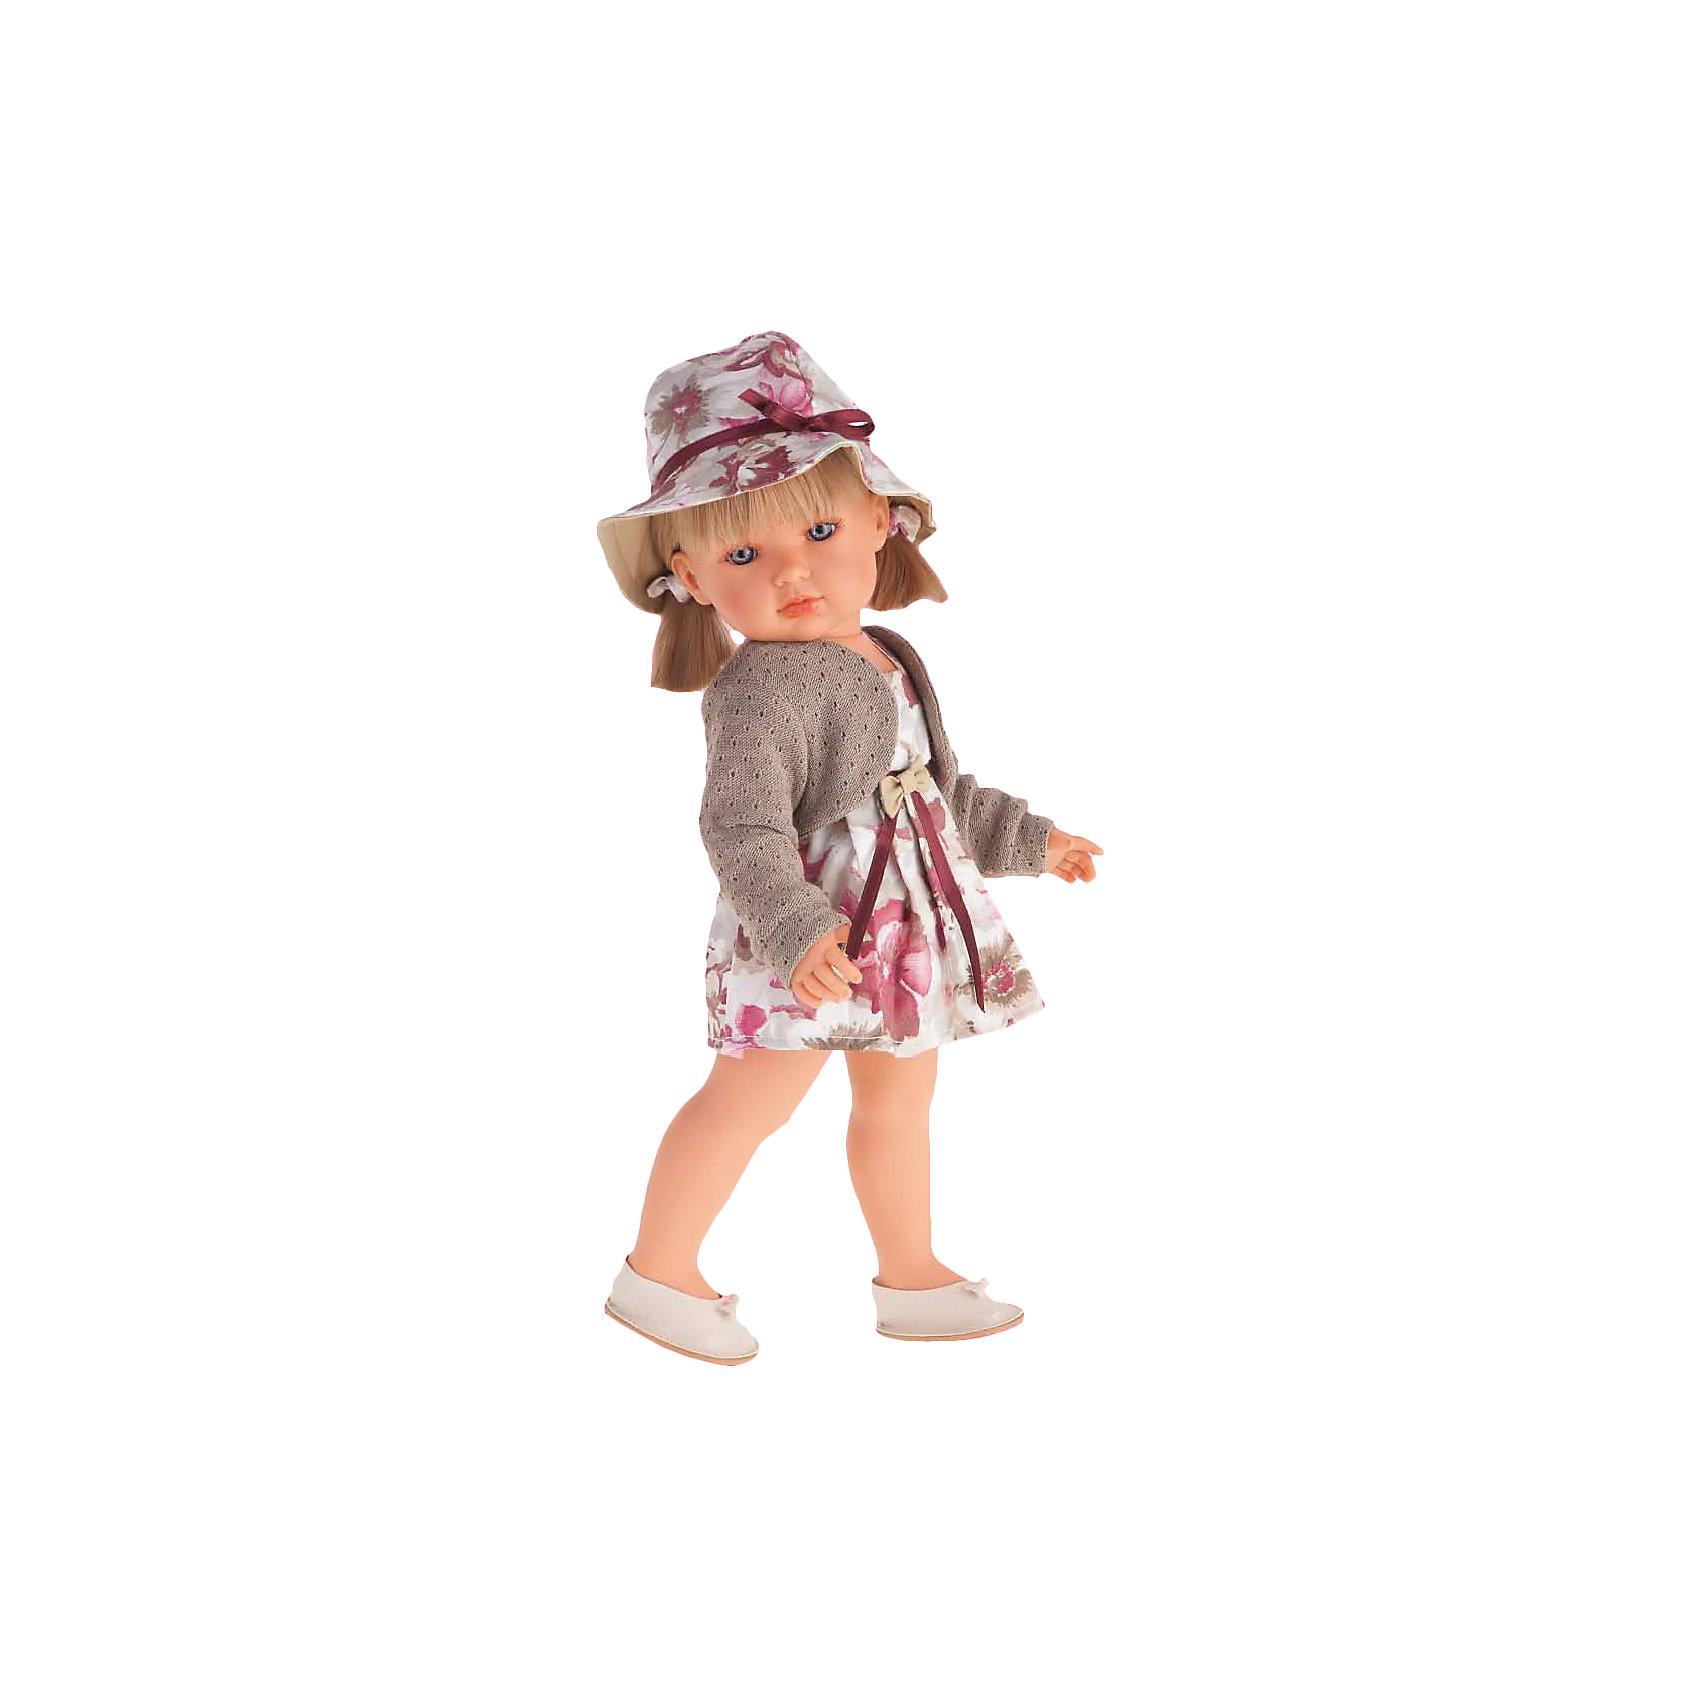 Белла в шляпке, блондинка, 45 см, Munecas Antonio JuanБелла в шляпке, блондинка, 45 см, Munecas Antonio Juan (Мунекас от Антонио Хуан) ? это новый образ серии кукол от всемирно известного испанского бренда Мунекас от Антонио Хуан, который знаменит своими реалистичными куклами. Кукла изготовлена из винила высшего качества с добавлением силикона. Это куклы в образе подросших девочек, которые уже умеют разбираться в стильной одежде и правильно подбирать комплекты в зависимости от сезона. Эти куклы имеют стройную фигуру и милые выражения лица. Руки и ноги у куклы подвижны, голова поворачивается в стороны, глаза не закрываются. <br>У Беллы – новый образ. Она блондинка с голубыми глазами. Эта симпатичная юная леди непременно станет лучшей подружкой для вашей дочери.<br>Белла в шляпке, блондинка, 45 см, Munecas Antonio Juan (Мунекас от Антонио Хуан) научит вашу девочку чувствовать стиль в одежде, отличать дизайнерские вещи и правильно подбирать комплекты.<br>Белла одета в платье с крупным цветочным рисунком , поверх которого, модного цвета болеро. На голове у Беллы шляпа, повторяющая оттенки и рисунки на одежде.  На ногах у нее белые туфли. Весь комплект демонстрирует оригинальность и стиль.<br>Куклы JUAN ANTONIO munecas (Мунекас от Антонио Хуан) ? мечта девочки любого возраста!<br><br>Дополнительная информация:<br><br>- Вид игр: сюжетно-ролевые игры <br>- Материал: винил, текстиль<br>- Высота куклы: 45 см<br>- Вес: 15 кг 250 г<br>- Особенности ухода: одежда ? ручная стирка, куклу можно купать <br><br>Подробнее:<br><br>• Для детей в возрасте: от 3 лет и до 6 лет<br>• Страна производитель: Испания<br>• Торговый бренд: JUAN ANTONIO munecas <br><br>Беллу в шляпке, блондинку, 45 см, Munecas Antonio Juan (Мунекас от Антонио Хуан) можно купить в нашем интернет-магазине.<br><br>Ширина мм: 530<br>Глубина мм: 275<br>Высота мм: 135<br>Вес г: 1525<br>Возраст от месяцев: 36<br>Возраст до месяцев: 72<br>Пол: Женский<br>Возраст: Детский<br>SKU: 4792884